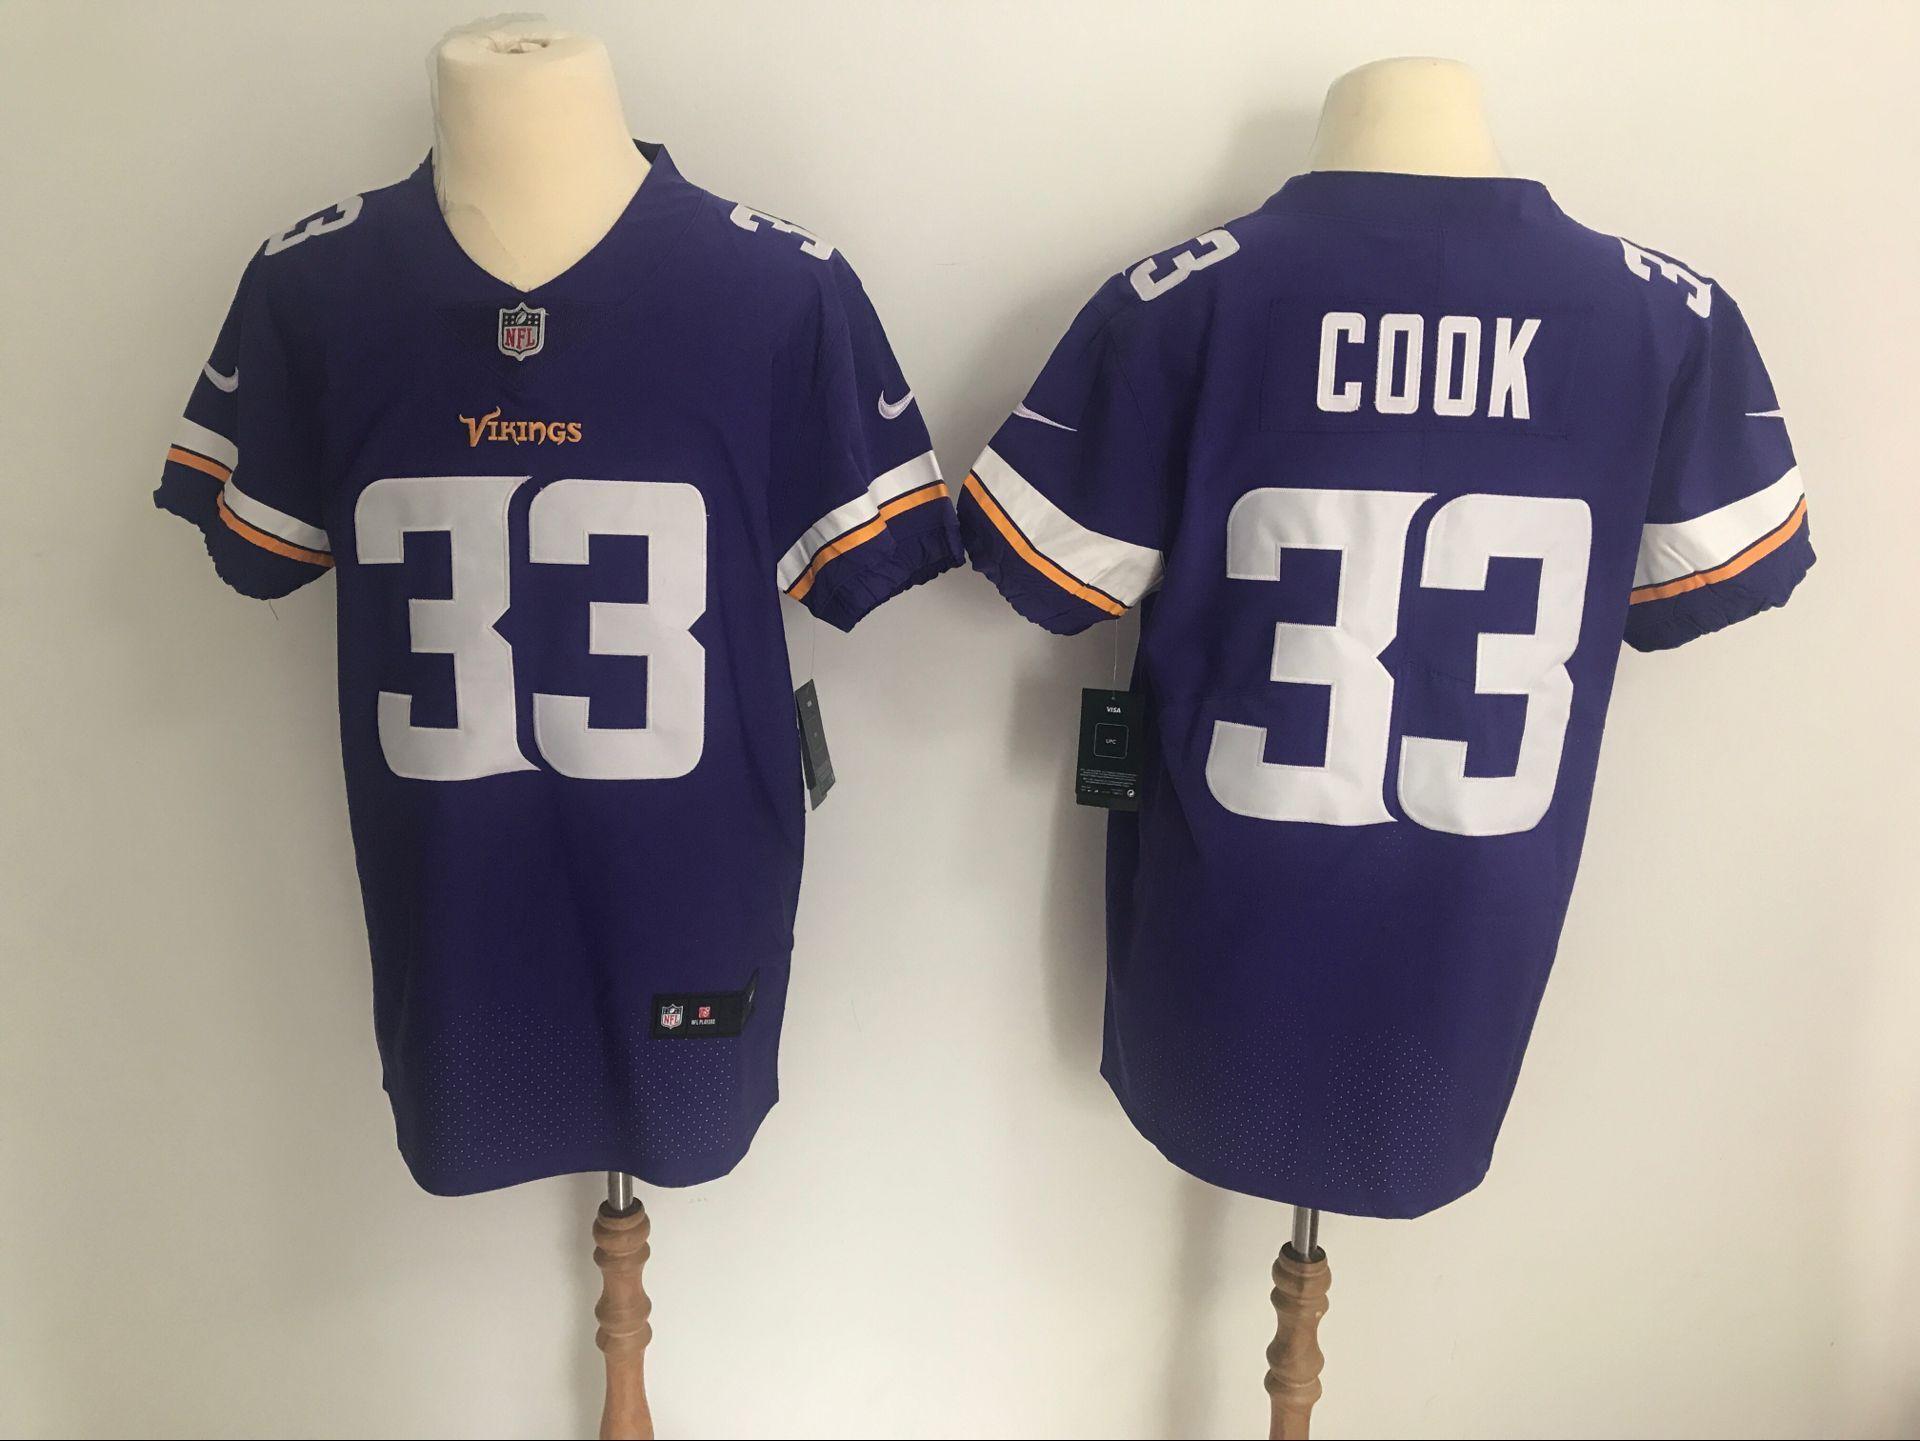 ... new style nike vikings 33 dalvin cook purple team color mens stitched  nfl vapor untouchable elite d64a846b2